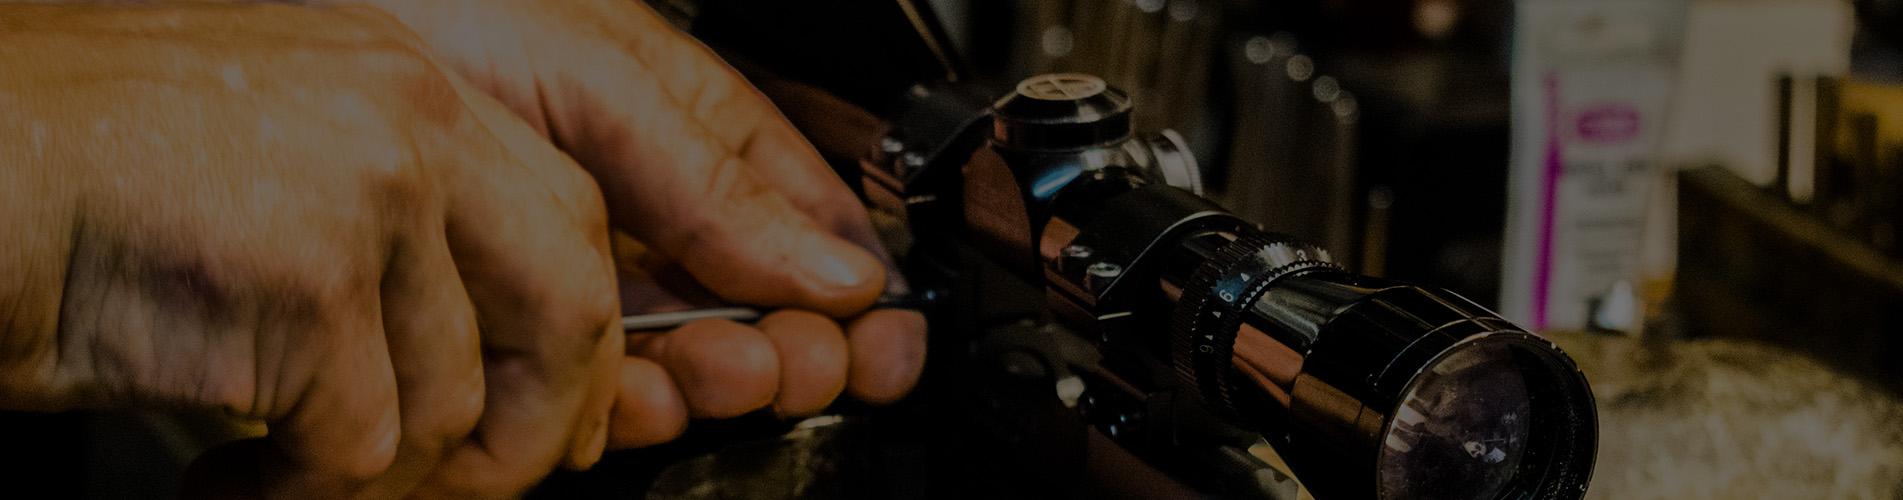 Berggrens vapen vapenverkstad